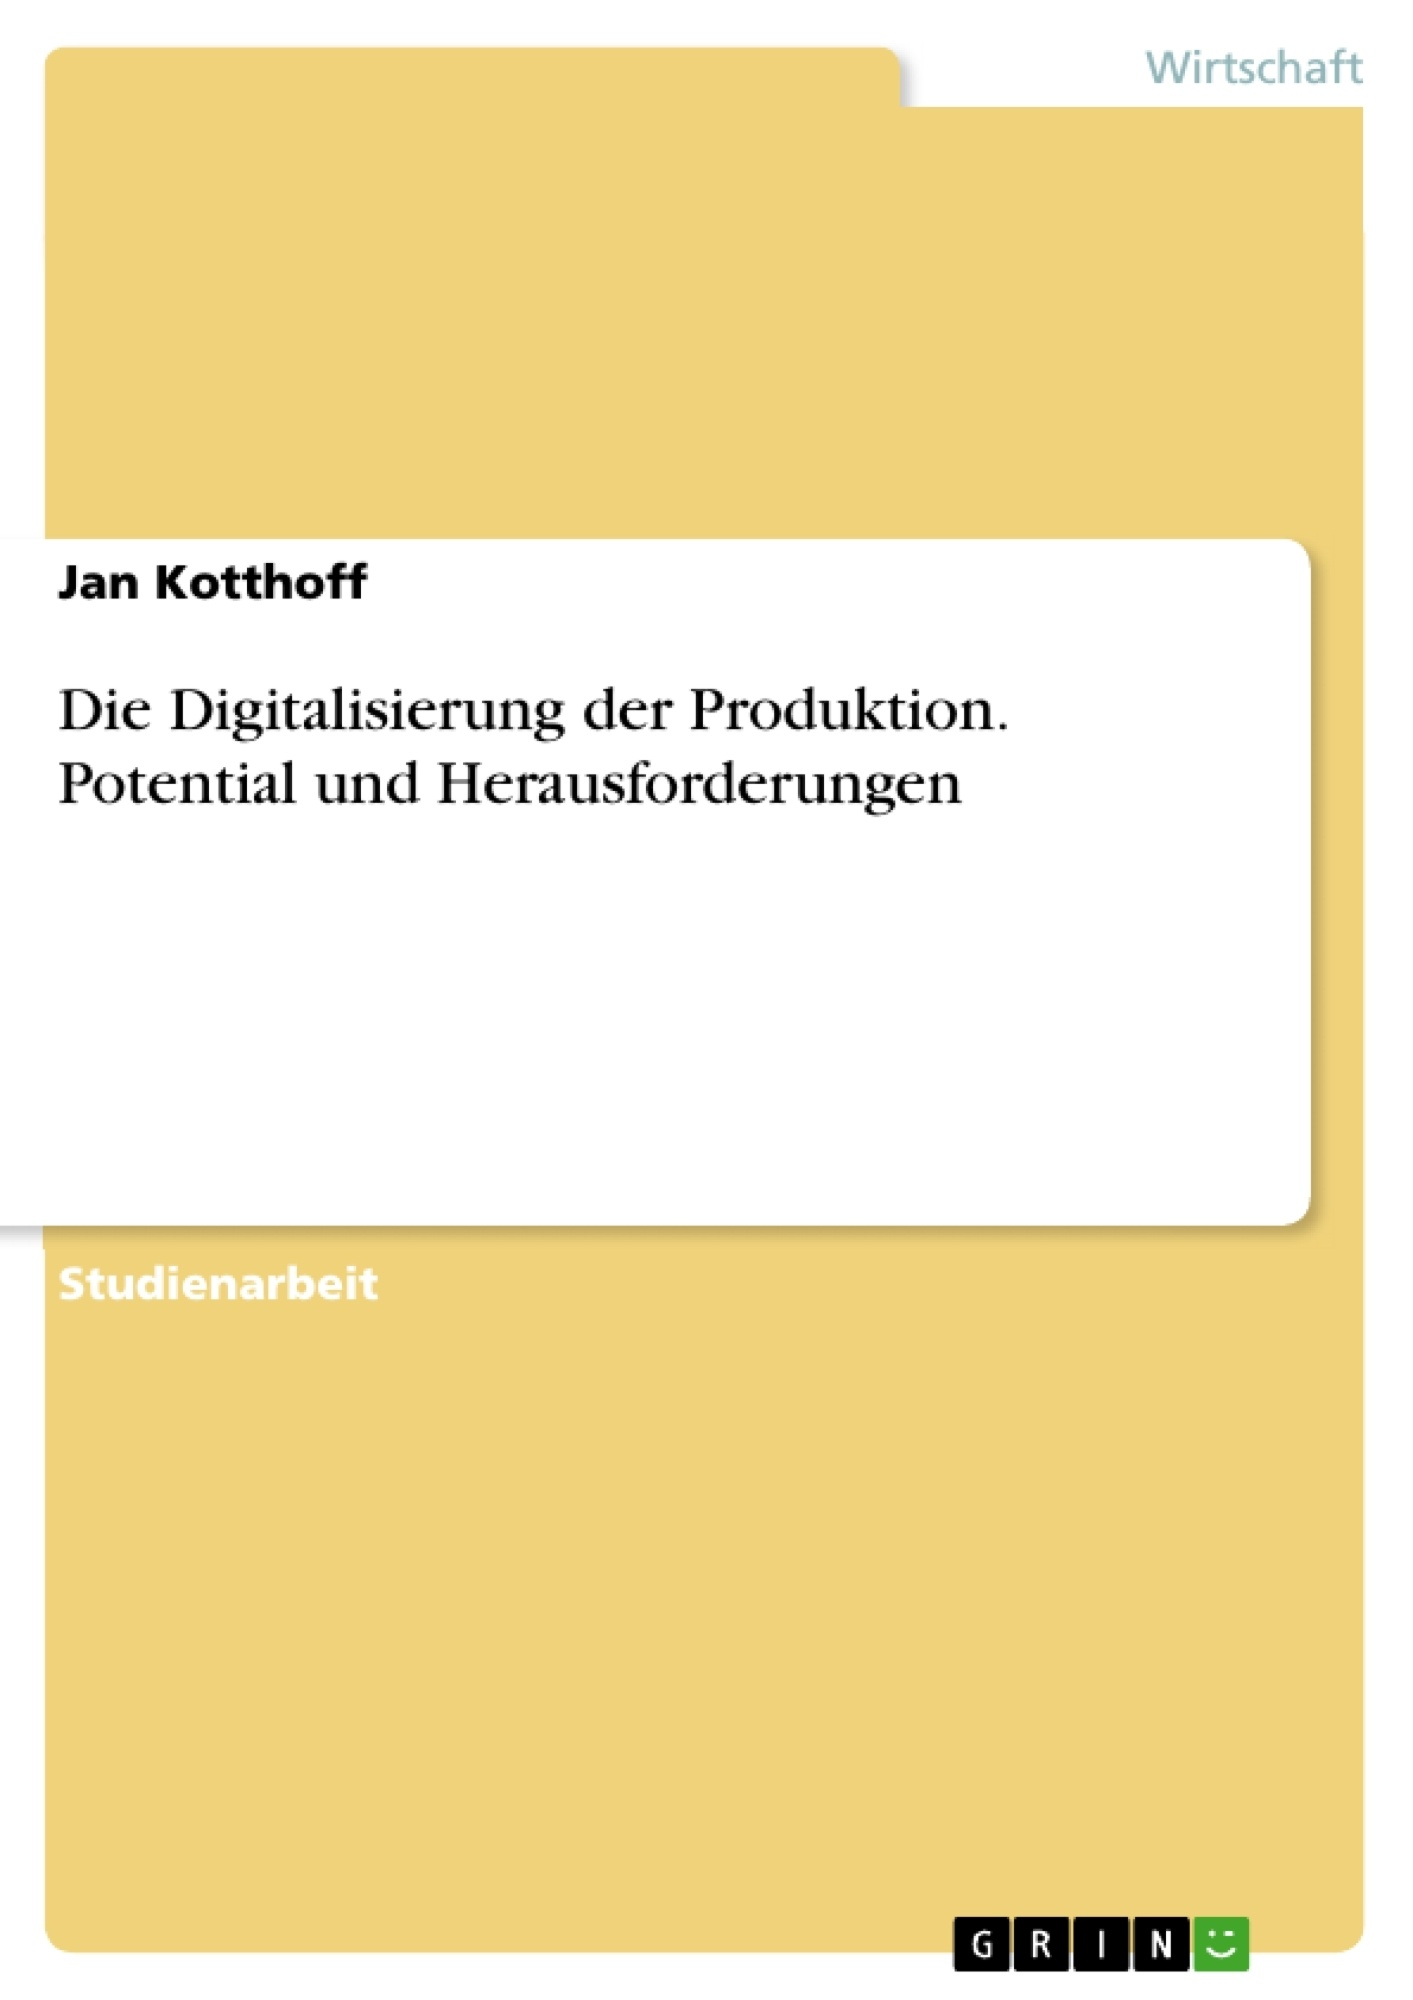 Titel: Die Digitalisierung der Produktion. Potential und Herausforderungen